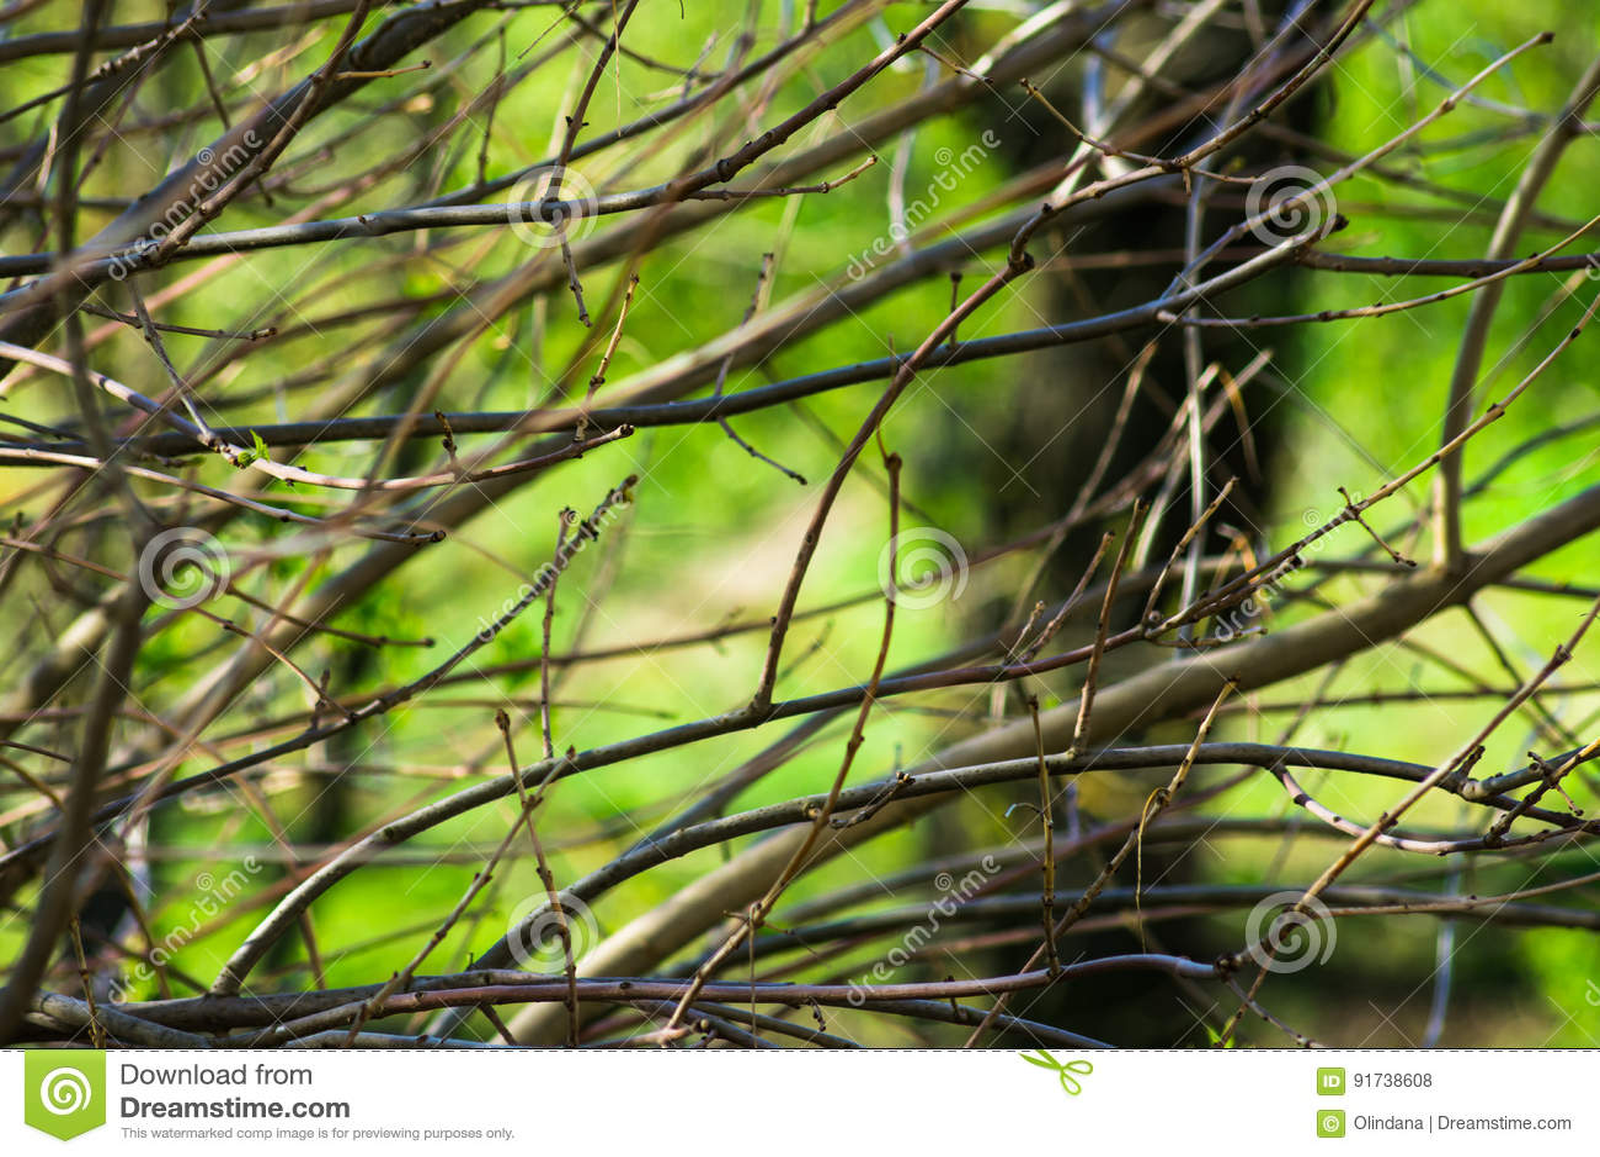 Os ramos de árvore despidos com os botões no tempo de mola esverdeiam o fundo da folha, despertando a natureza, tranquilidade